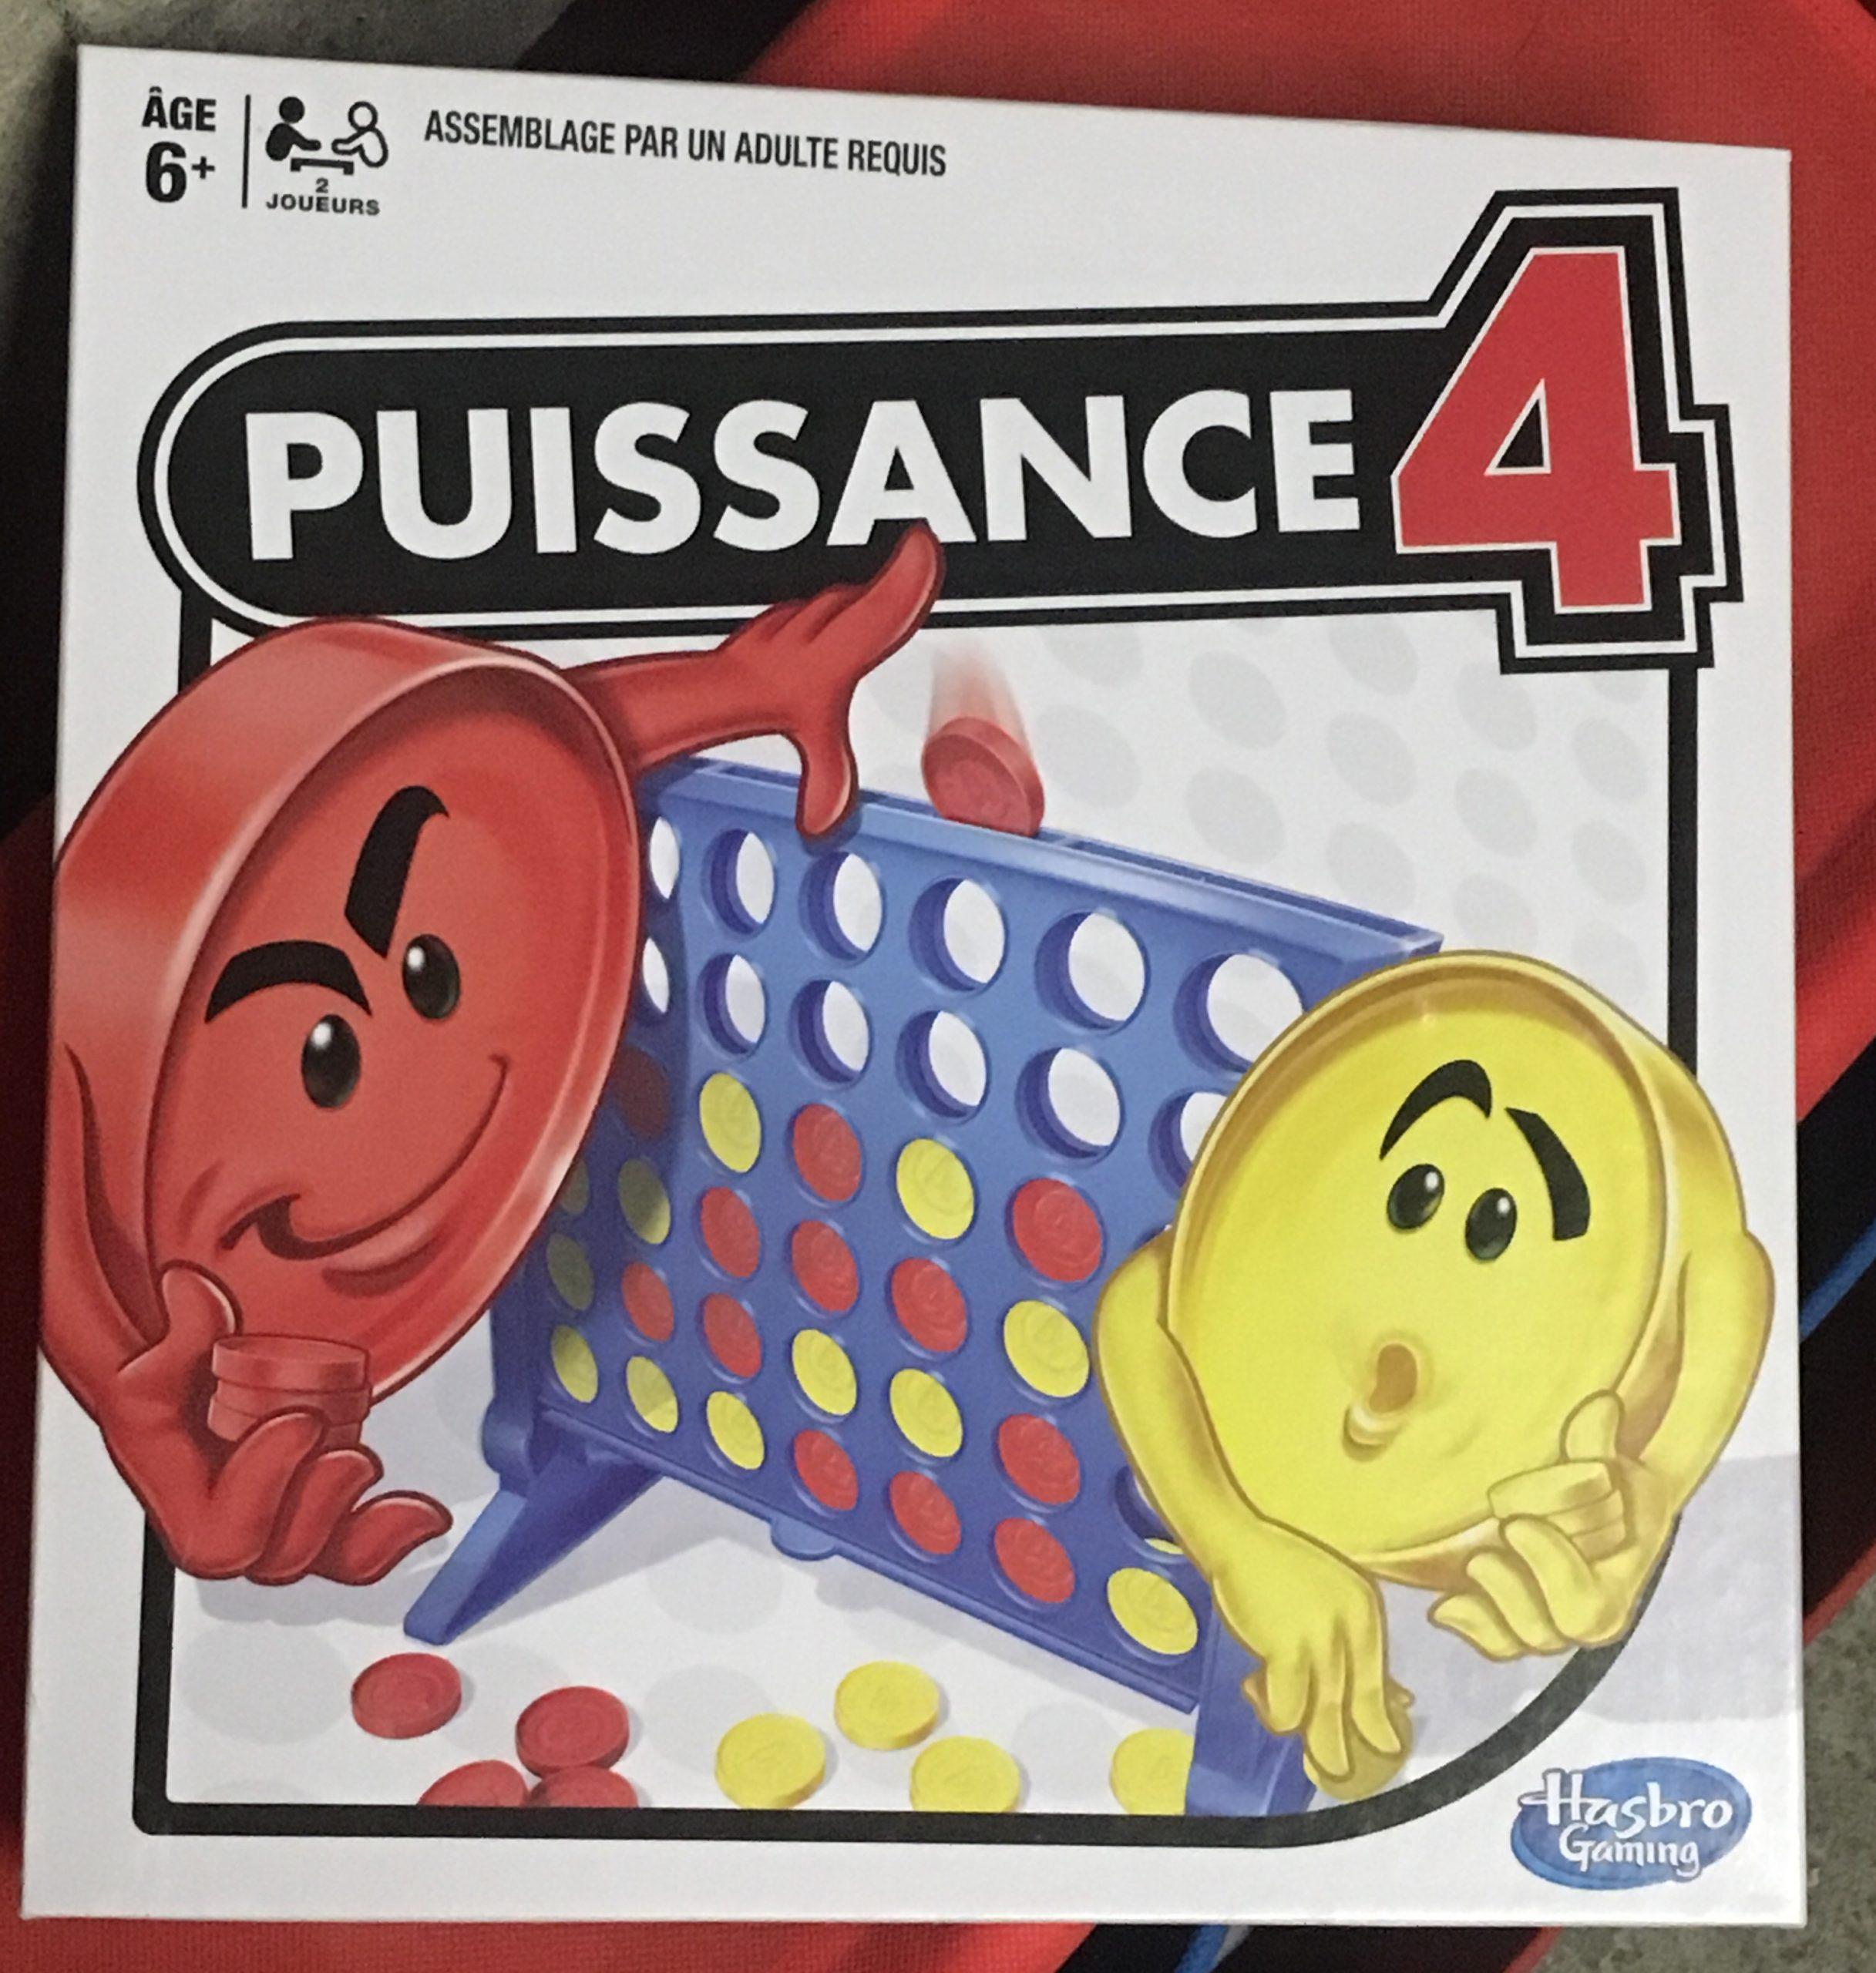 Jeu Puissance 4 concernant Jeux Du Puissance 4